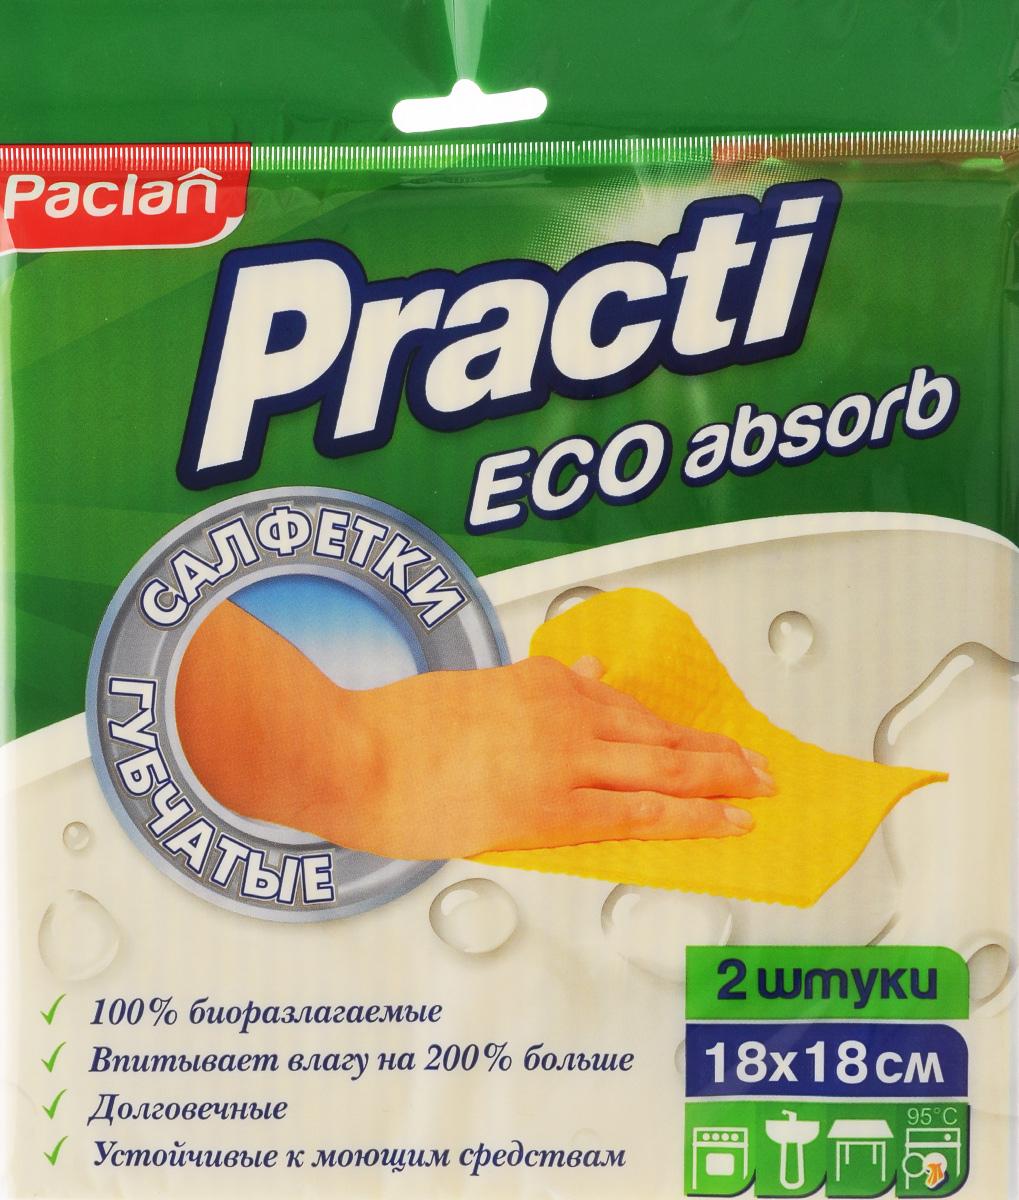 Набор салфеток для уборки Paclan Practi, губчатые, 18 х 18 см, 2 шт531-105Салфетки Paclan Practi, выполненные из хлопка и регенерированной целлюлозы, применяются для влажной уборки кухонных поверхностей, сантехники, плит, мебели. Прекрасно впитывают влагу. Благодаря плотной и упругой структуре губчатые салфетки быстро и эффективно удаляют грязь и жир. После обработки поверхностей не требуется ополаскивание. Салфетки очень удобны в применении, не оставляют разводов и следов.Размер салфетки: 18 Х 18 см.